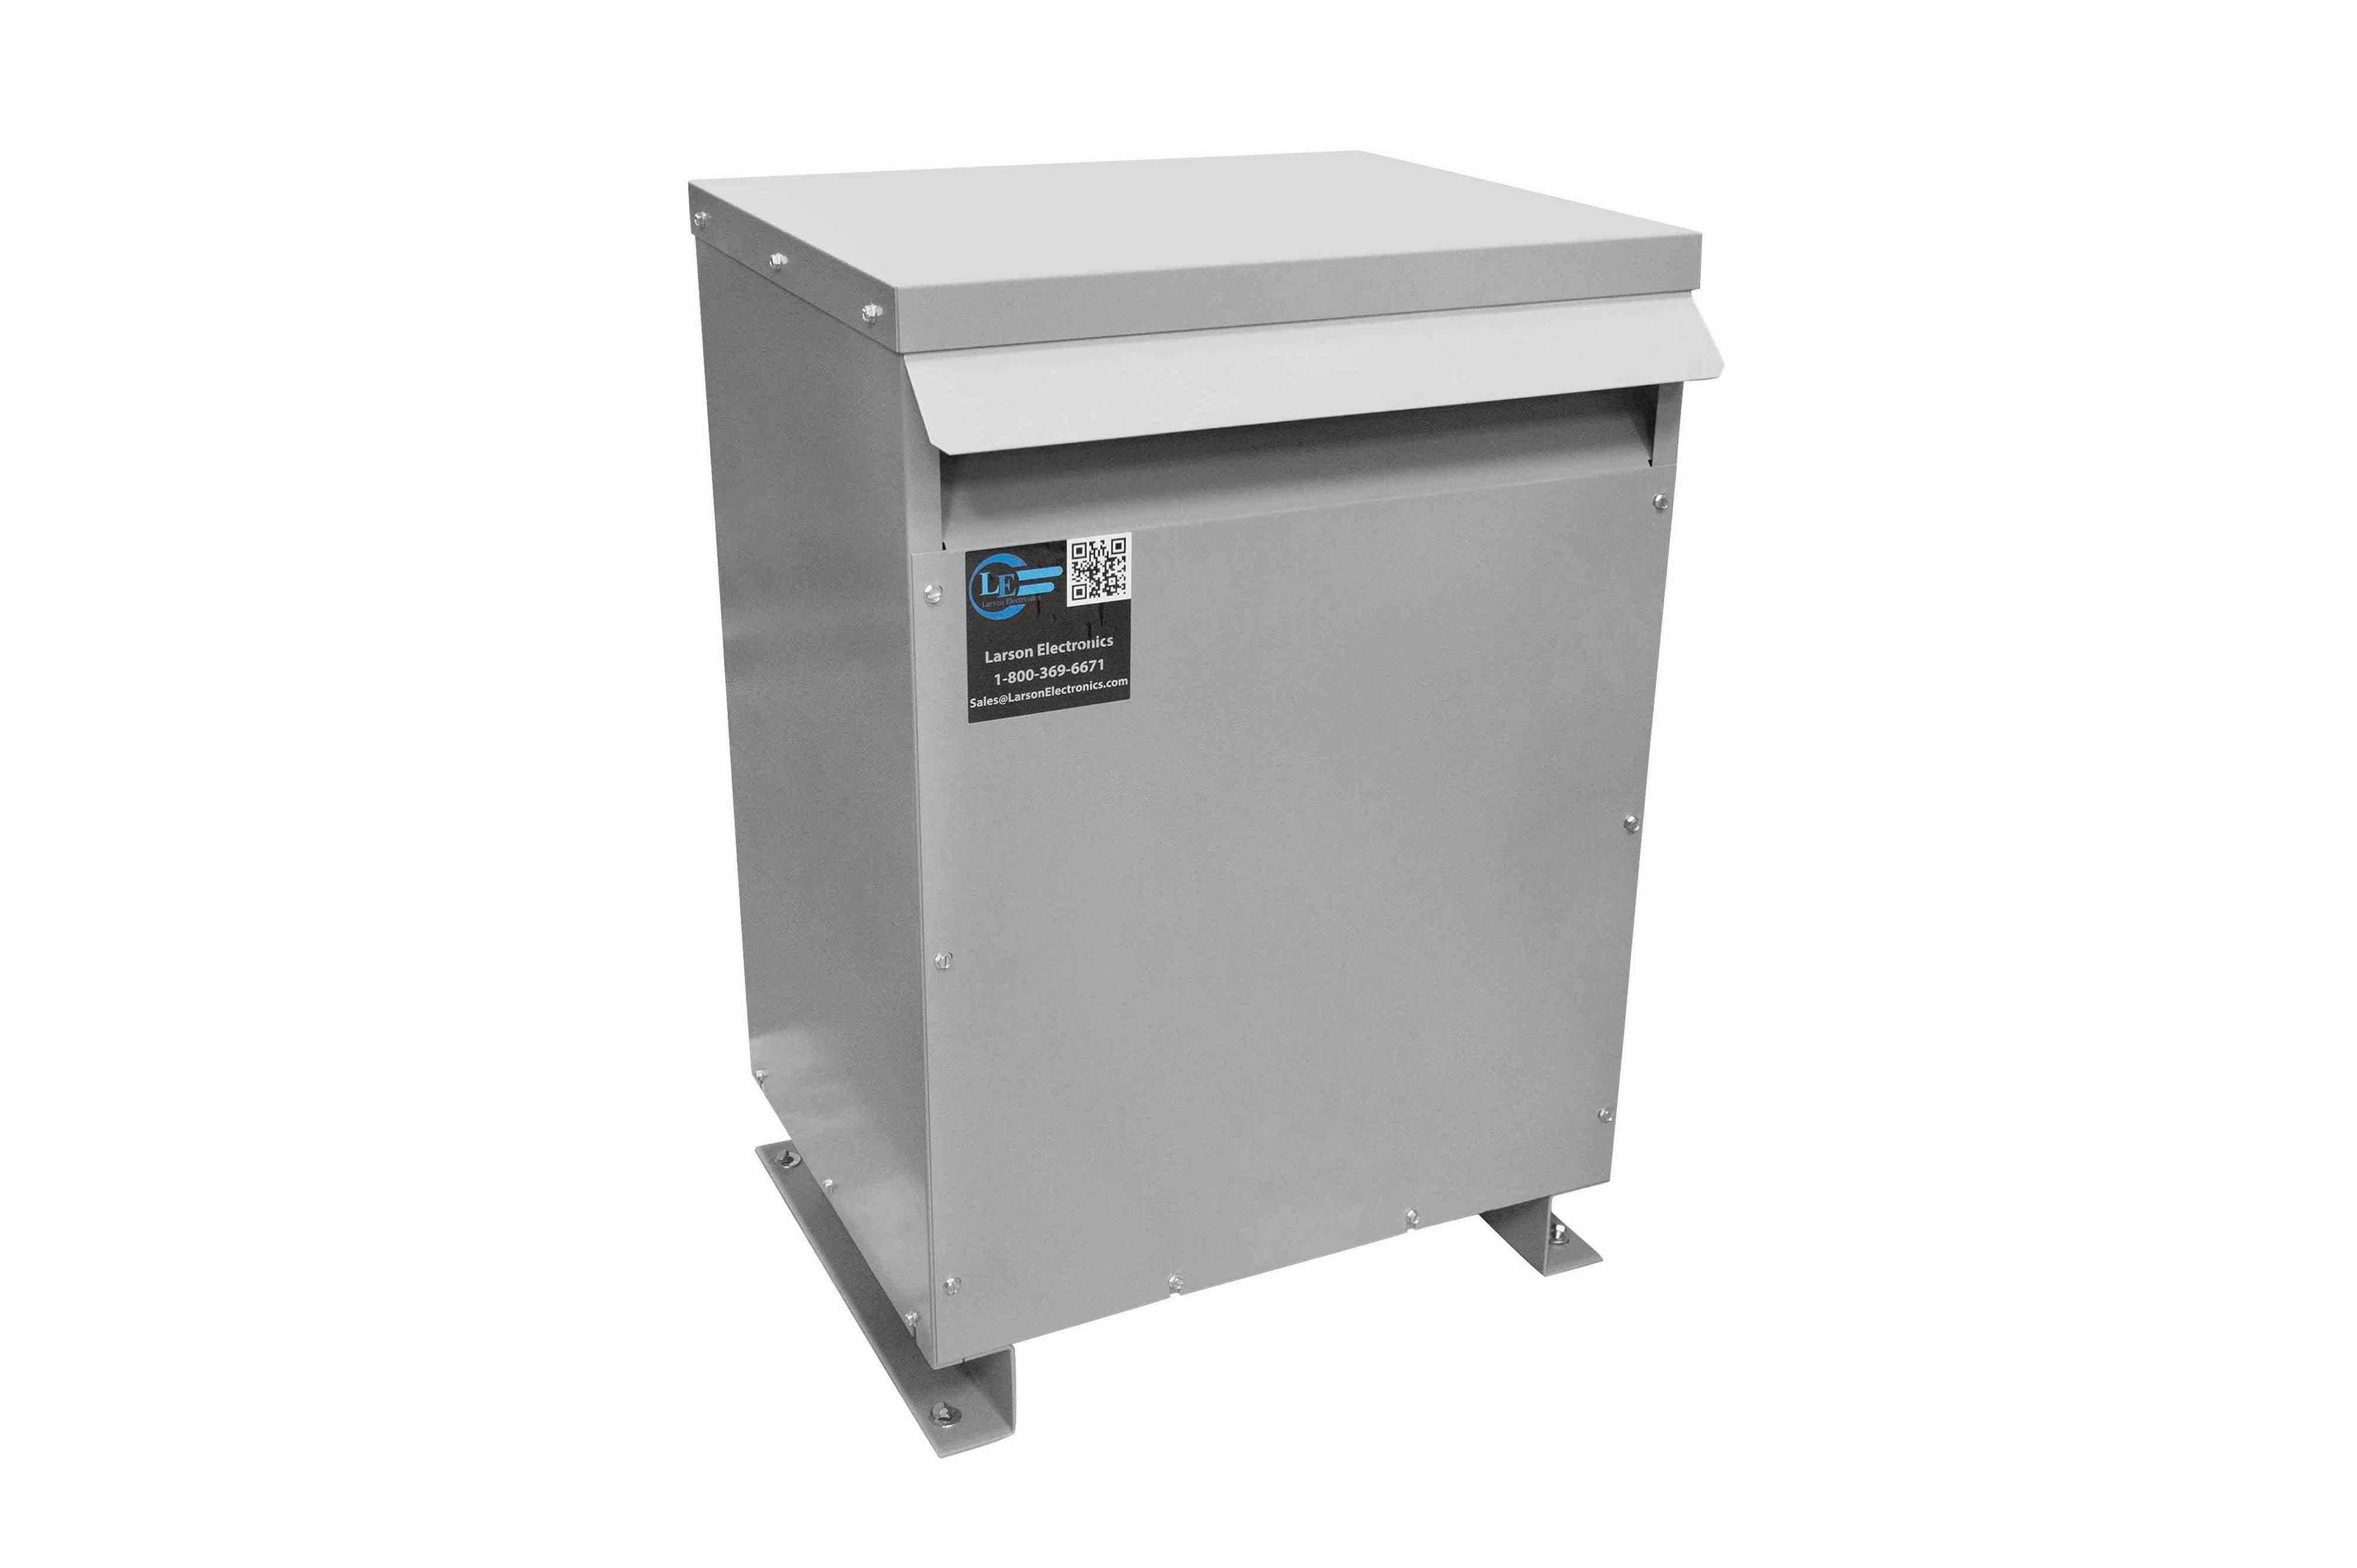 250 kVA 3PH DOE Transformer, 460V Delta Primary, 240V/120 Delta Secondary, N3R, Ventilated, 60 Hz